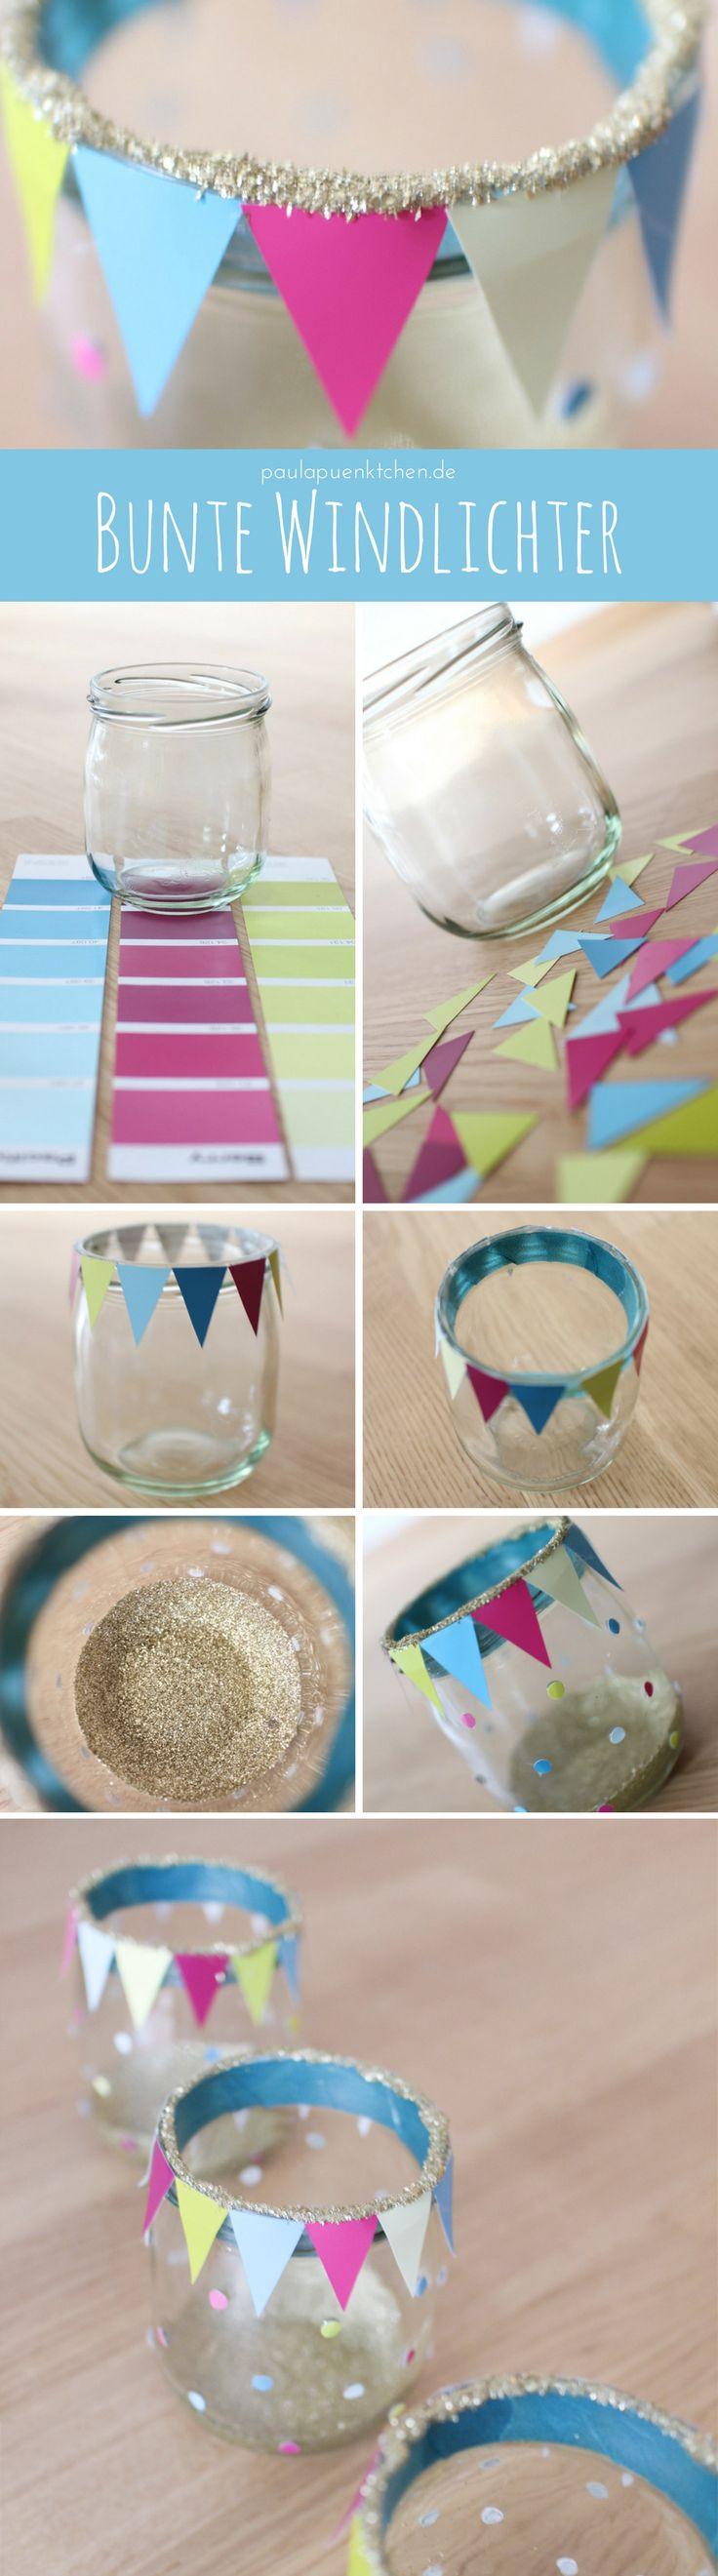 die besten 25+ selbstgemachte dekoration ideen auf pinterest ... - Kreative Ideen Selber Machen